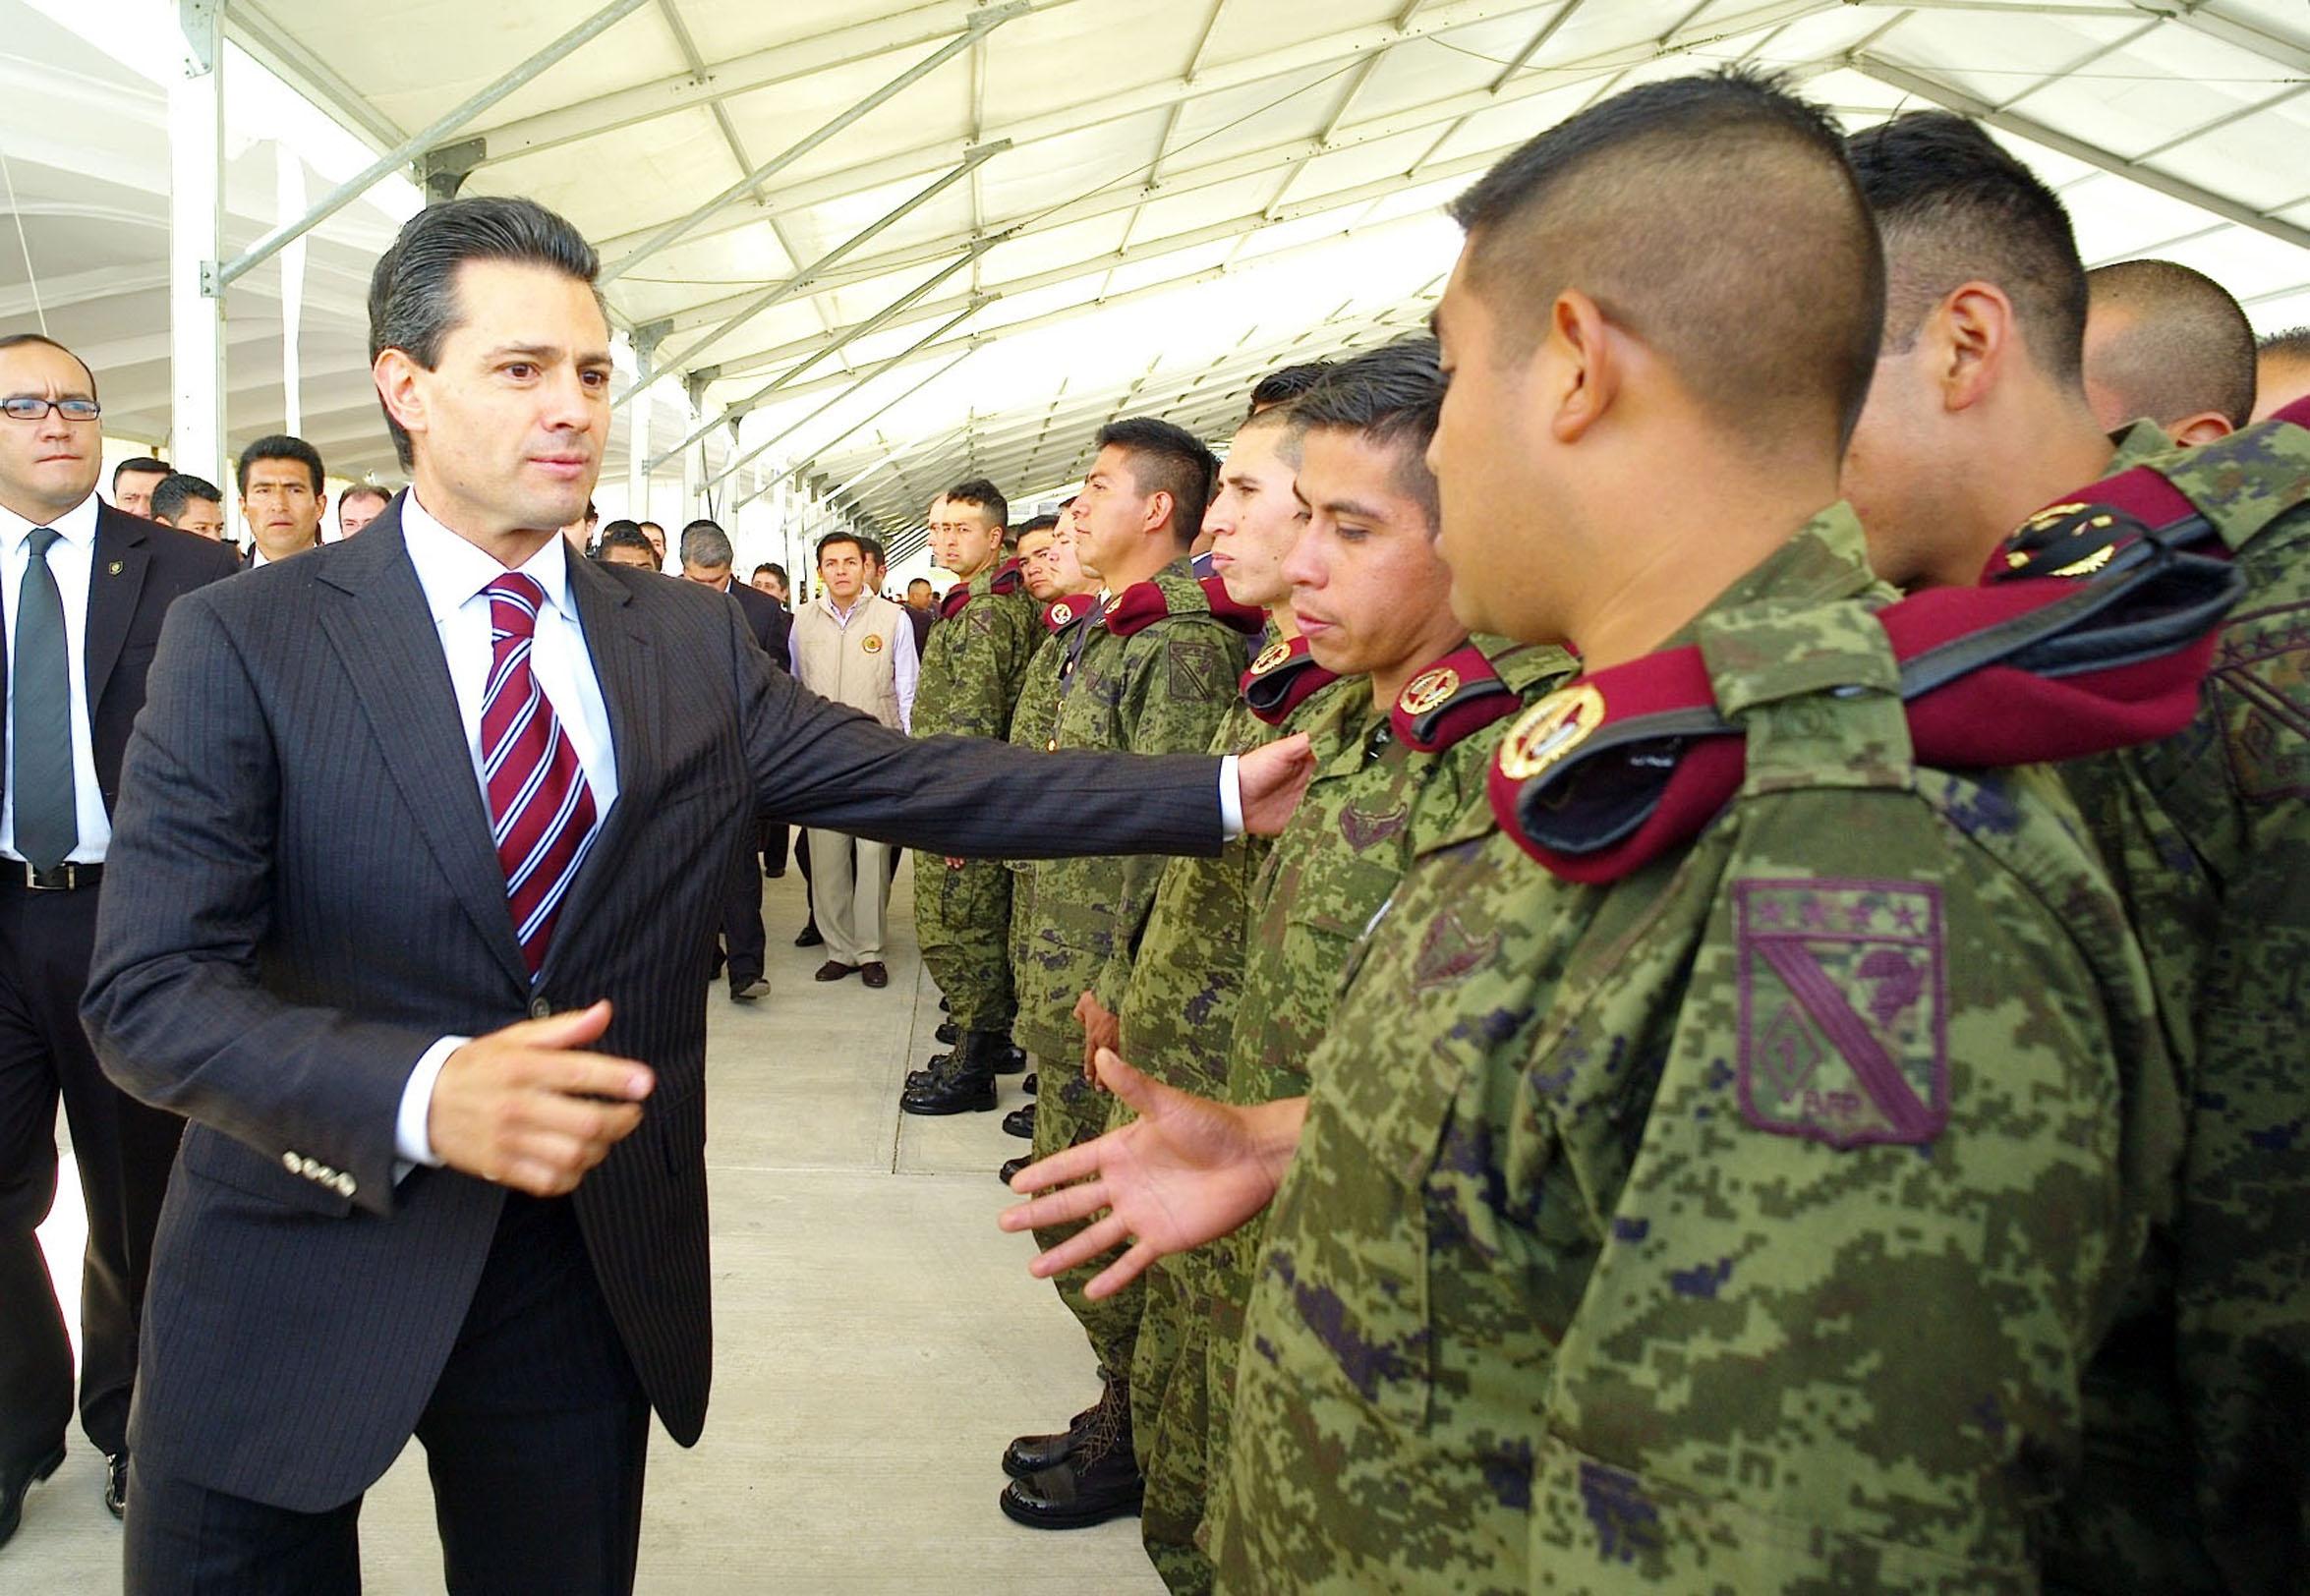 cuanto gana un medico militar en mexico